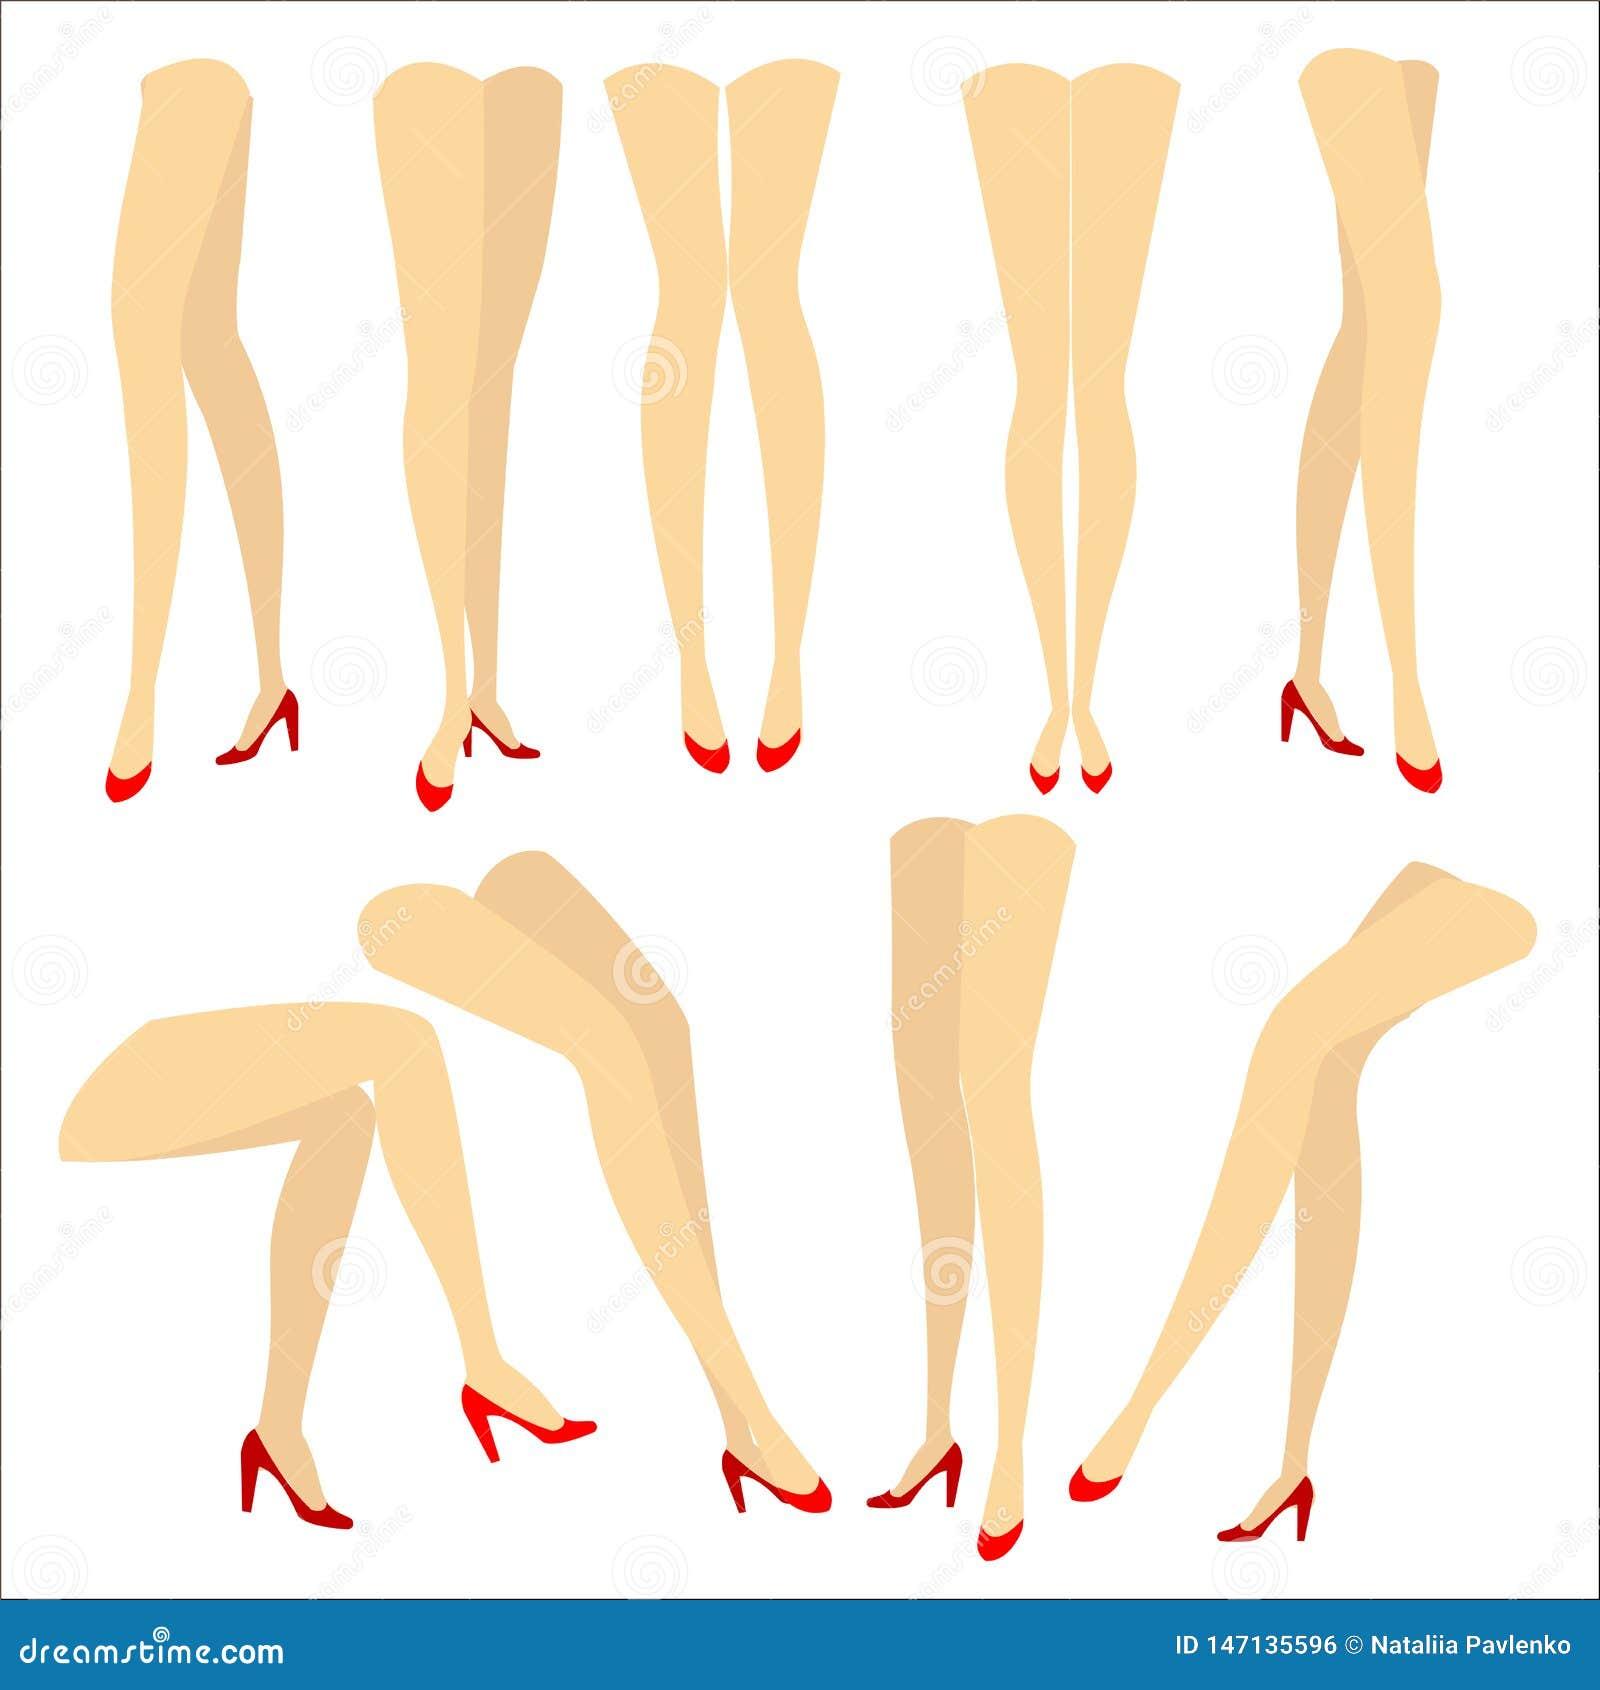 E Изображение с силуэтами худеньких красивых женских ног в красных высоко-накрененных ботинках Различные позиции ног когда